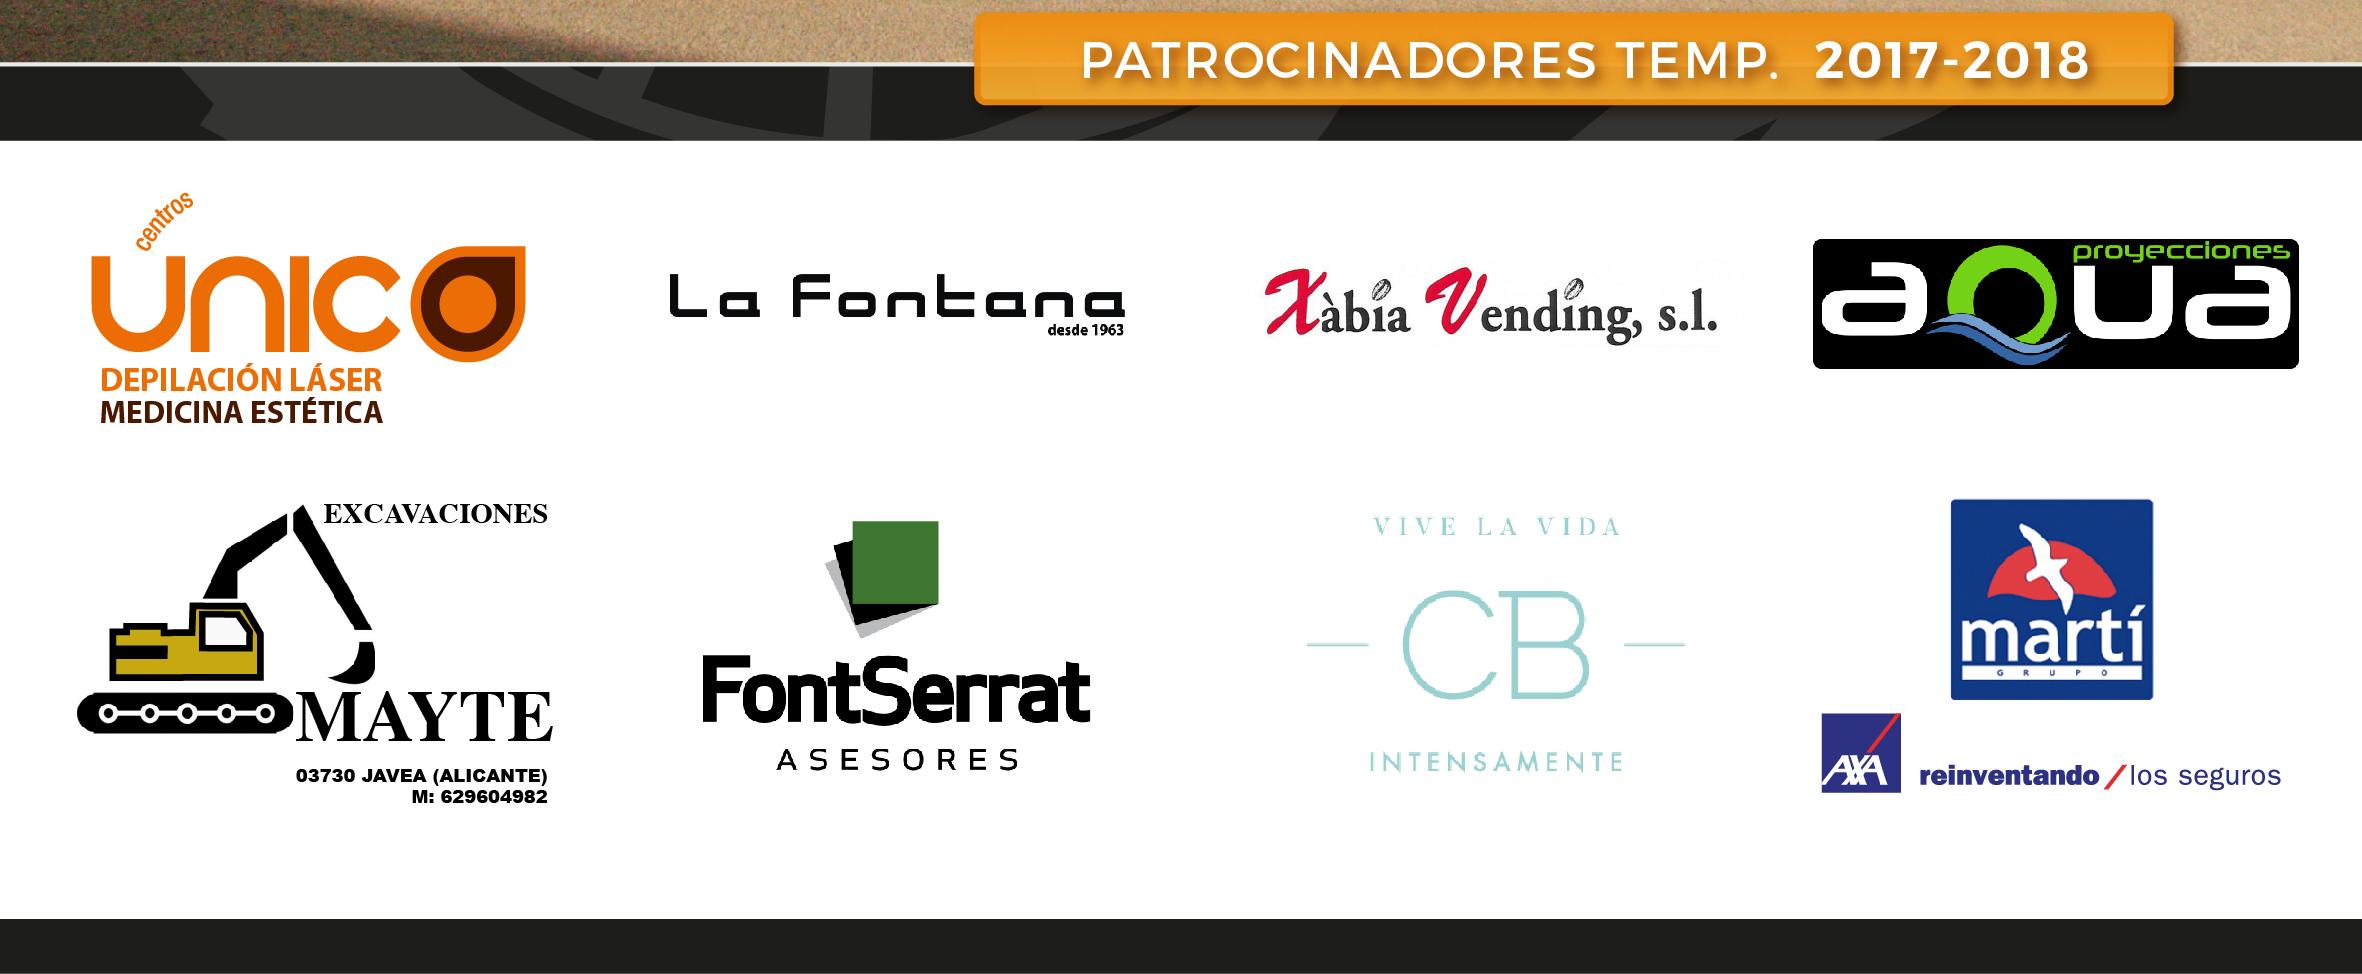 patrocinadores-2015-2016-01